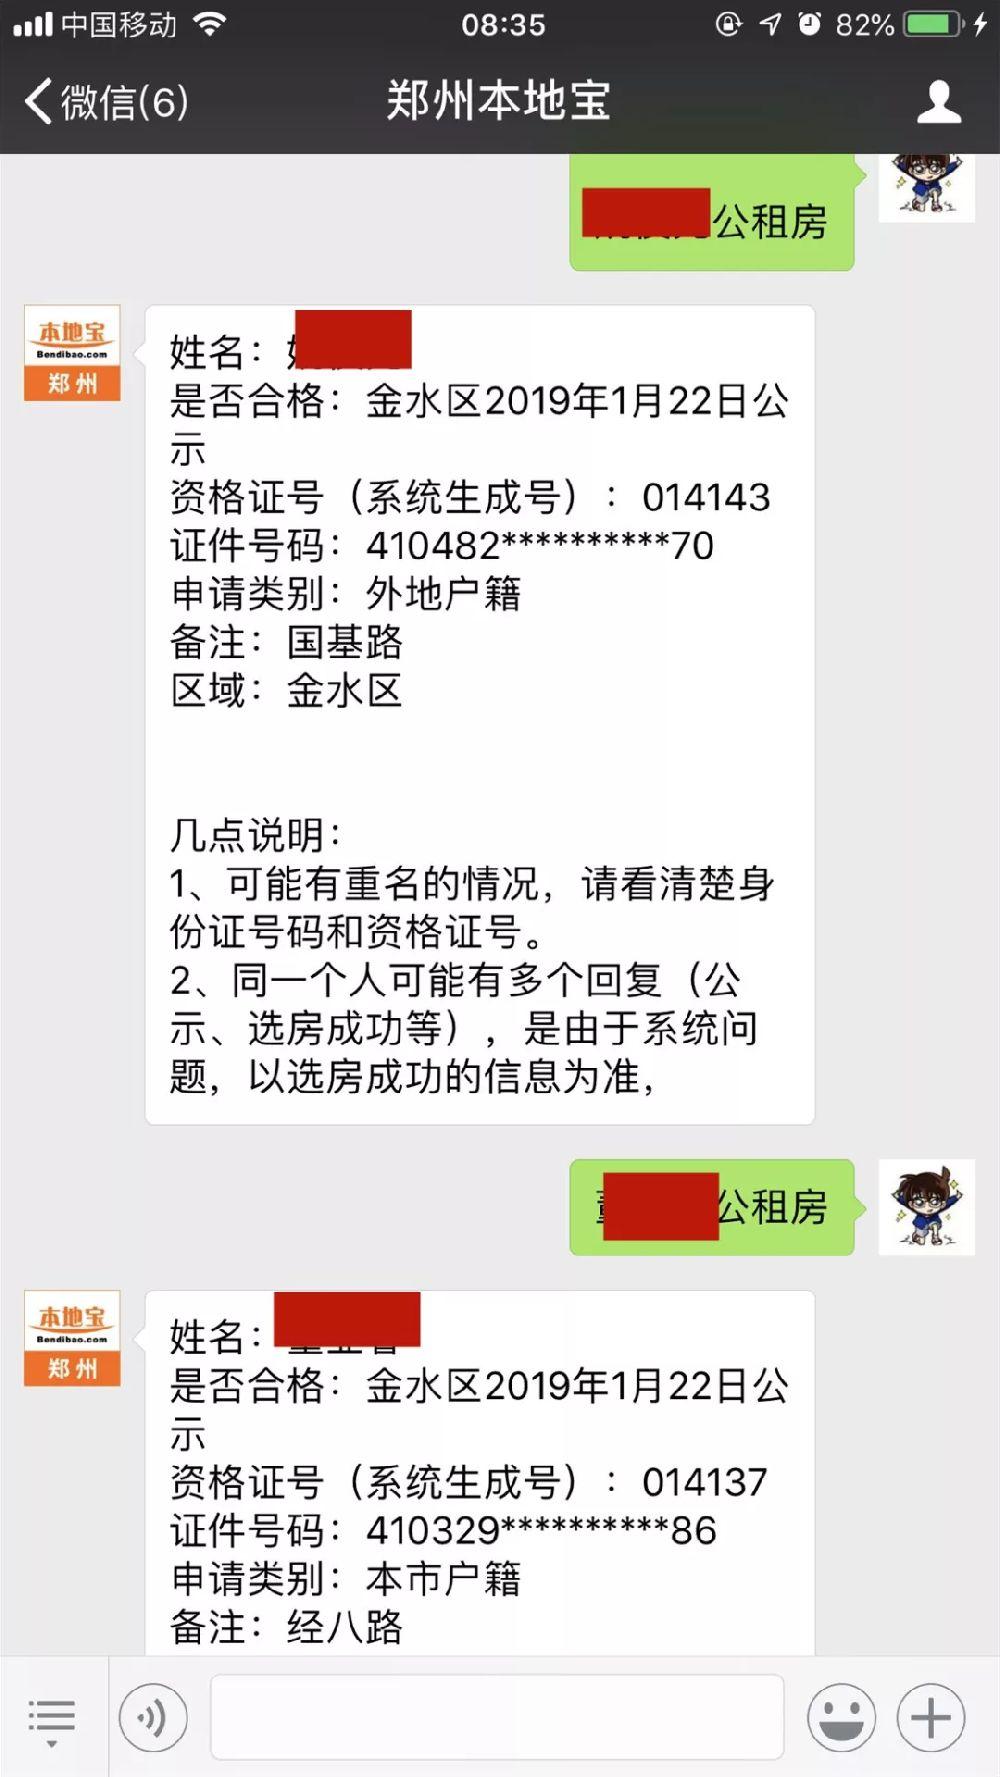 2019郑州高新区公租房申请名单查询(持续更新)